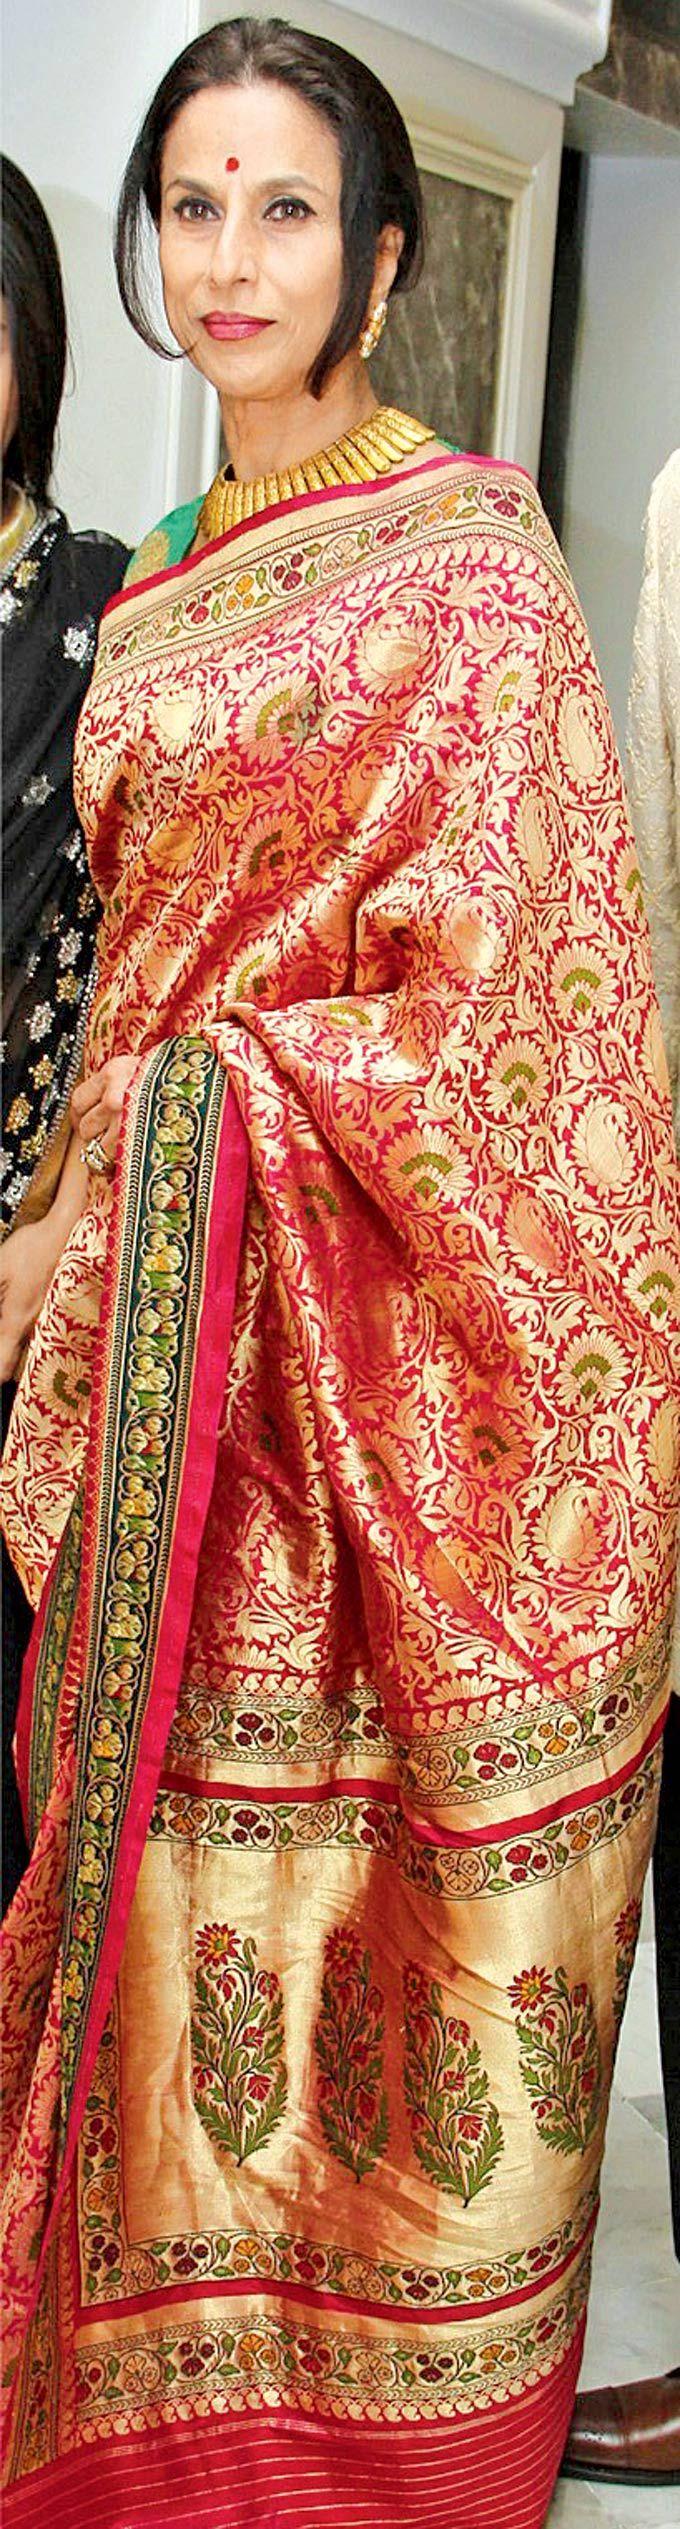 The saree!